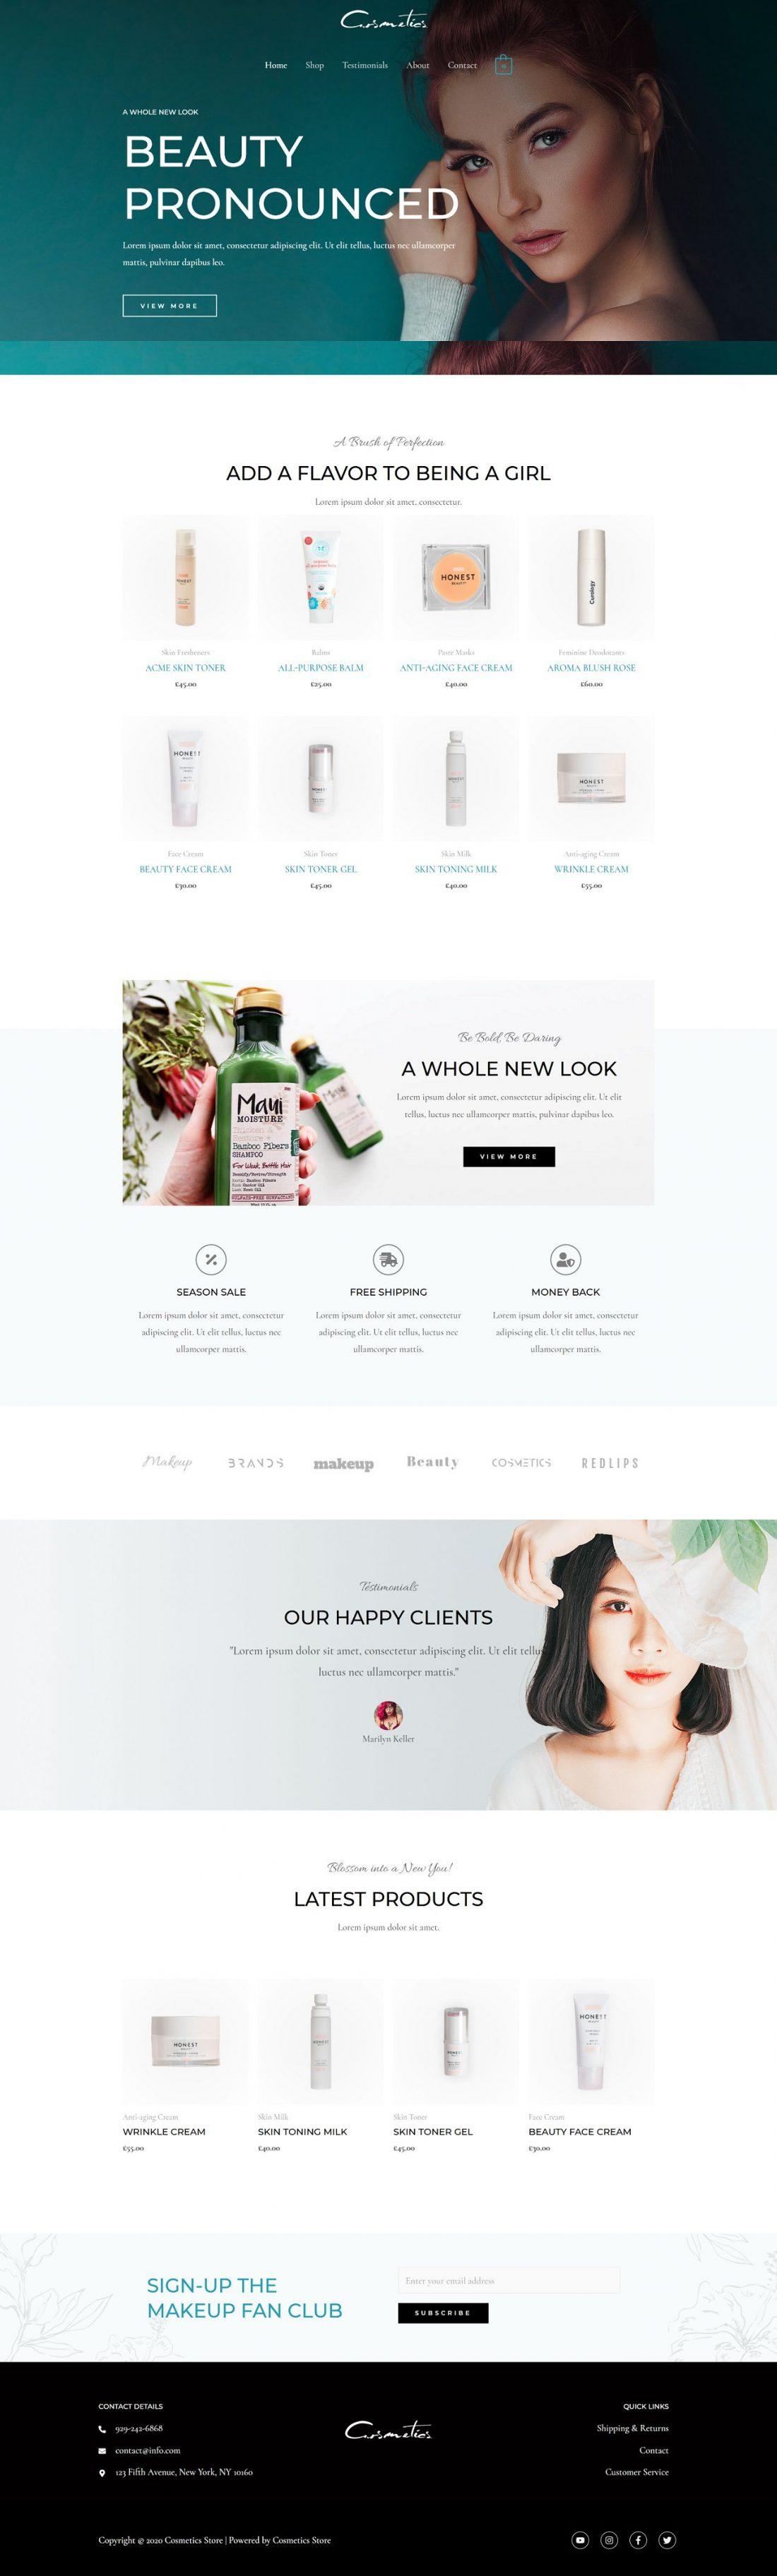 Fagowi.com Website Design Templates For eCom Cosmetics Online Shop - Home Page Image